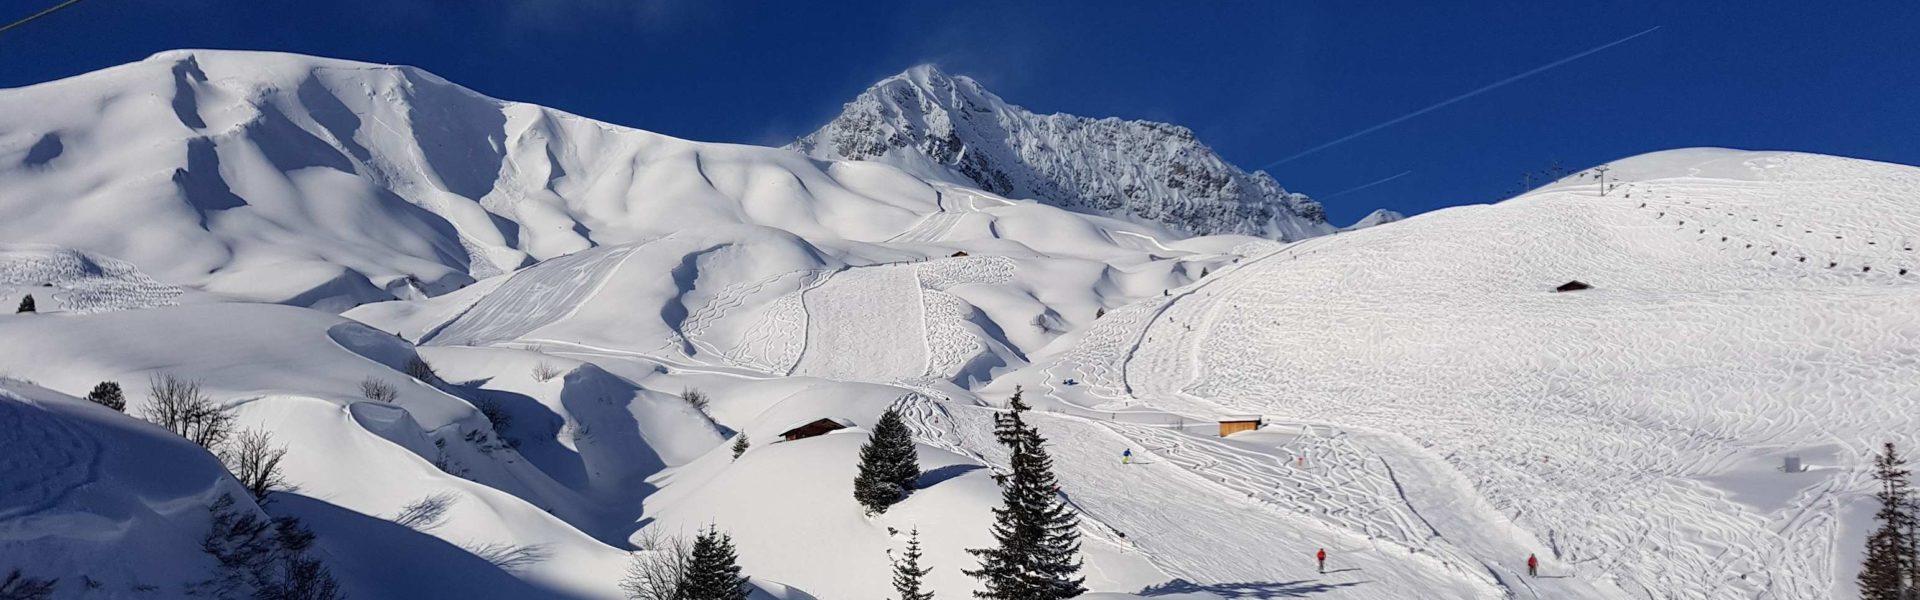 15.1.2019, Skigebiet Lech Zürs am Arlberg (c) Lech Zuers Tourismus by Markus Hahn